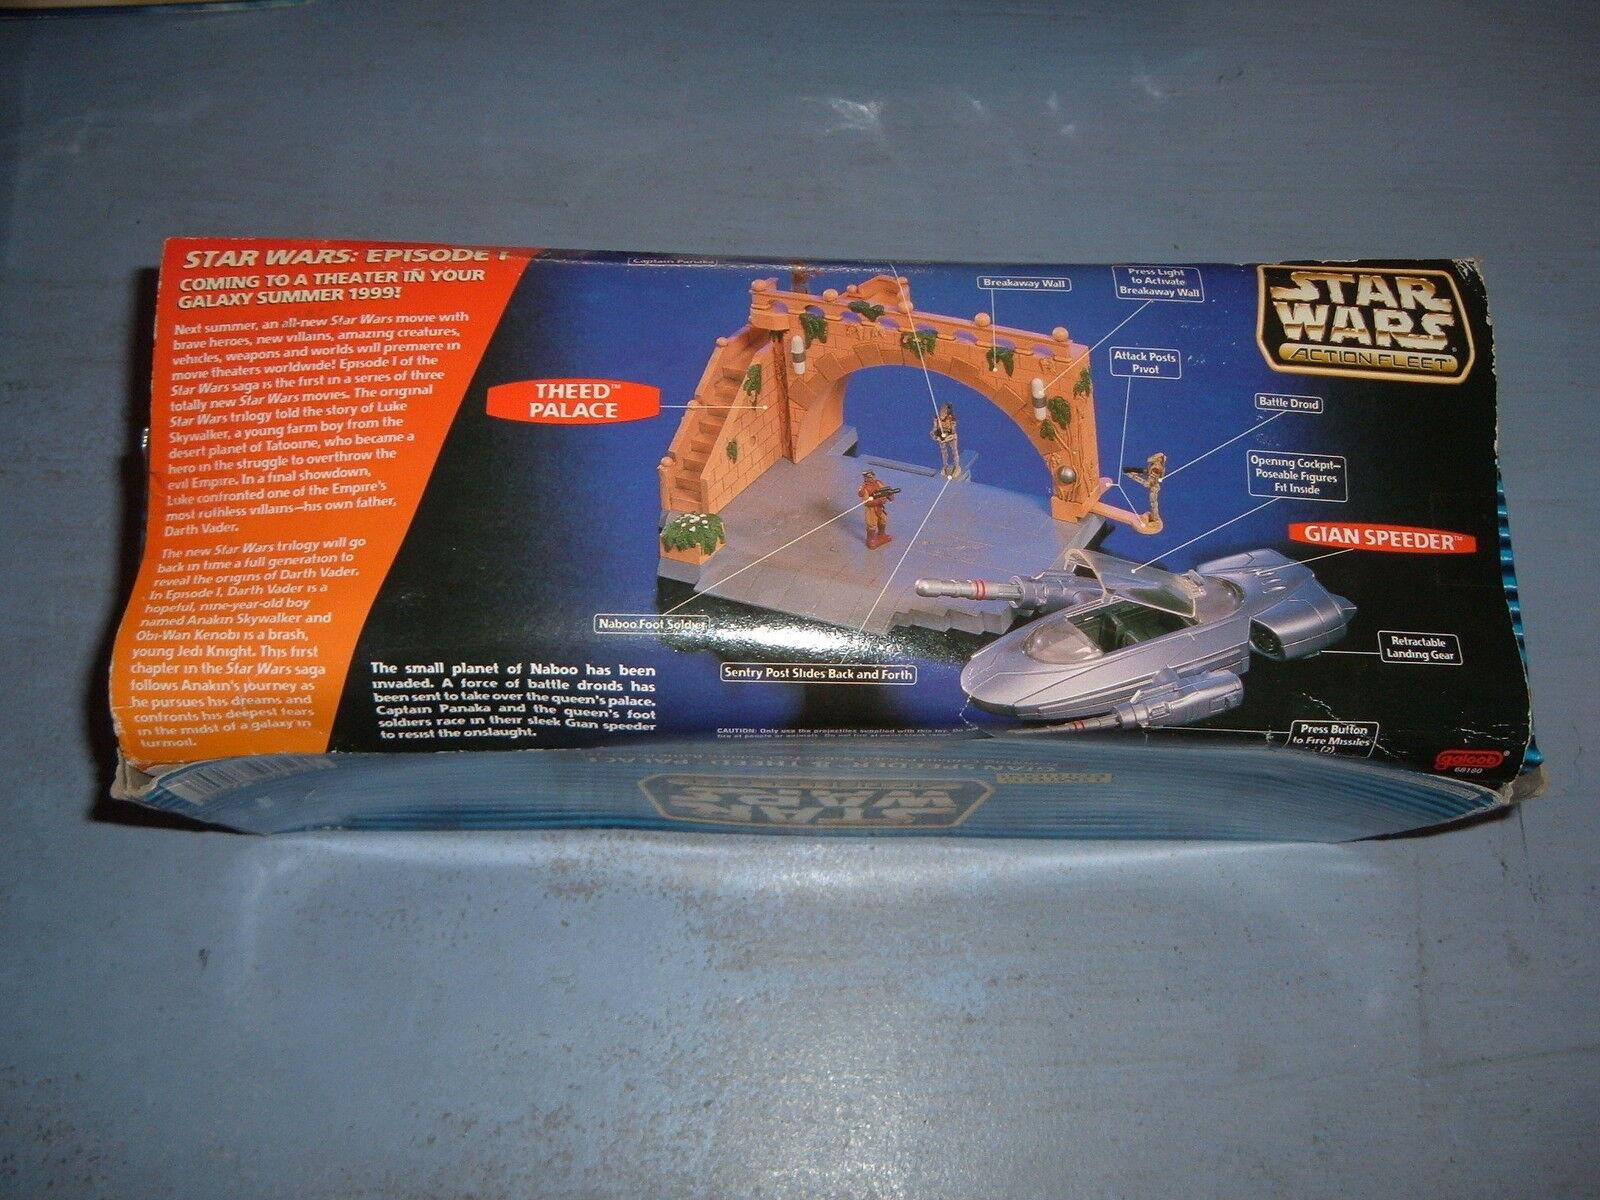 STAR WARS VINTAGE (c)1998 - GIAN SPEEDER SPEEDER SPEEDER & THEED PALACE IMPORT USA (neuf) d4c52f